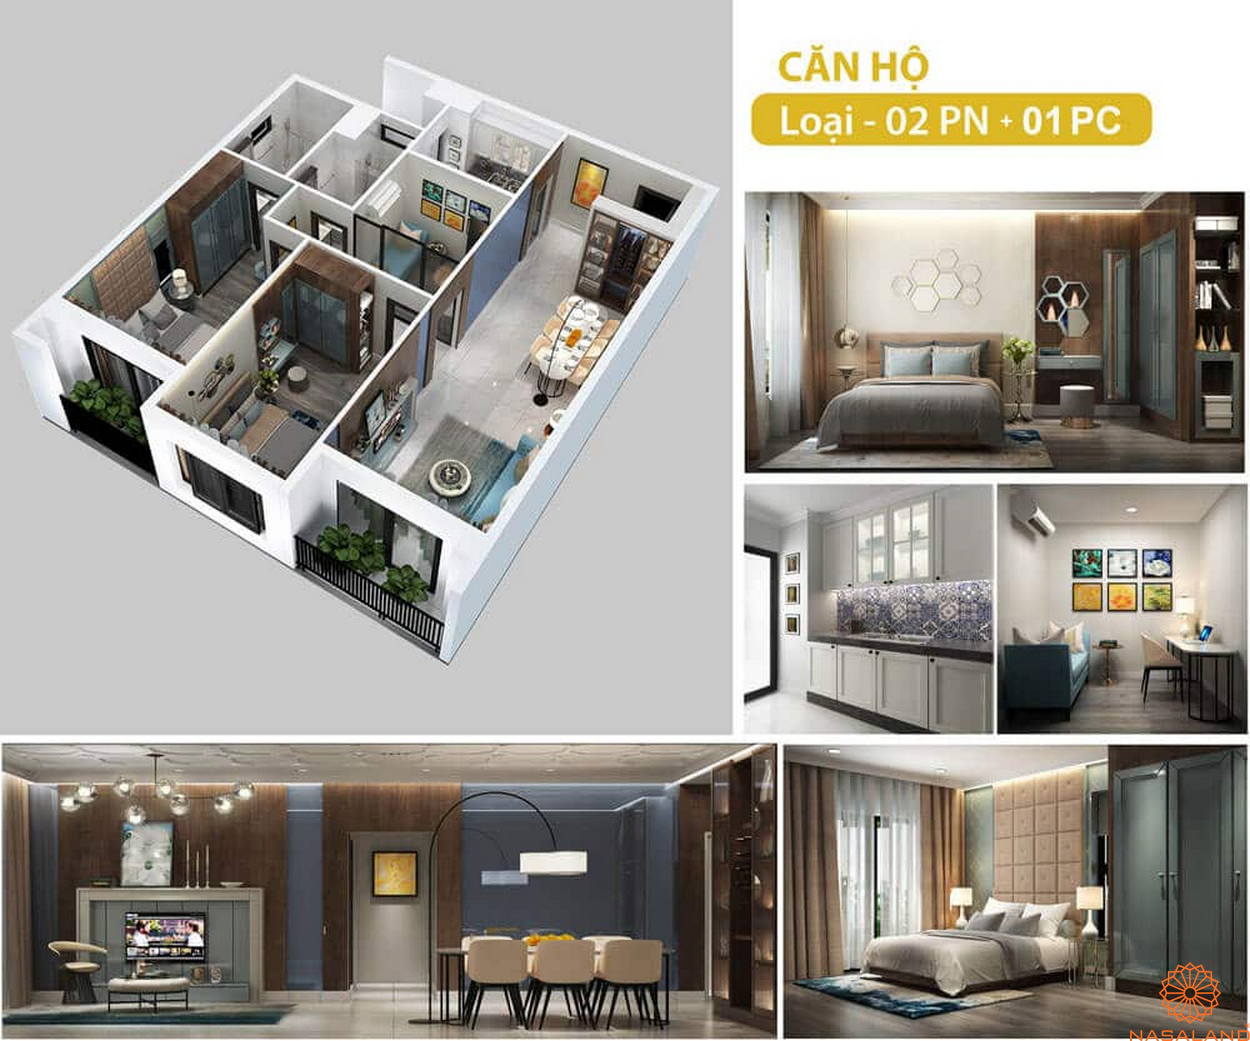 Thiết kế dự án căn hộ chung cư cao cấp Hado Green Lane quận 8 thành phố Hồ Chí Minh